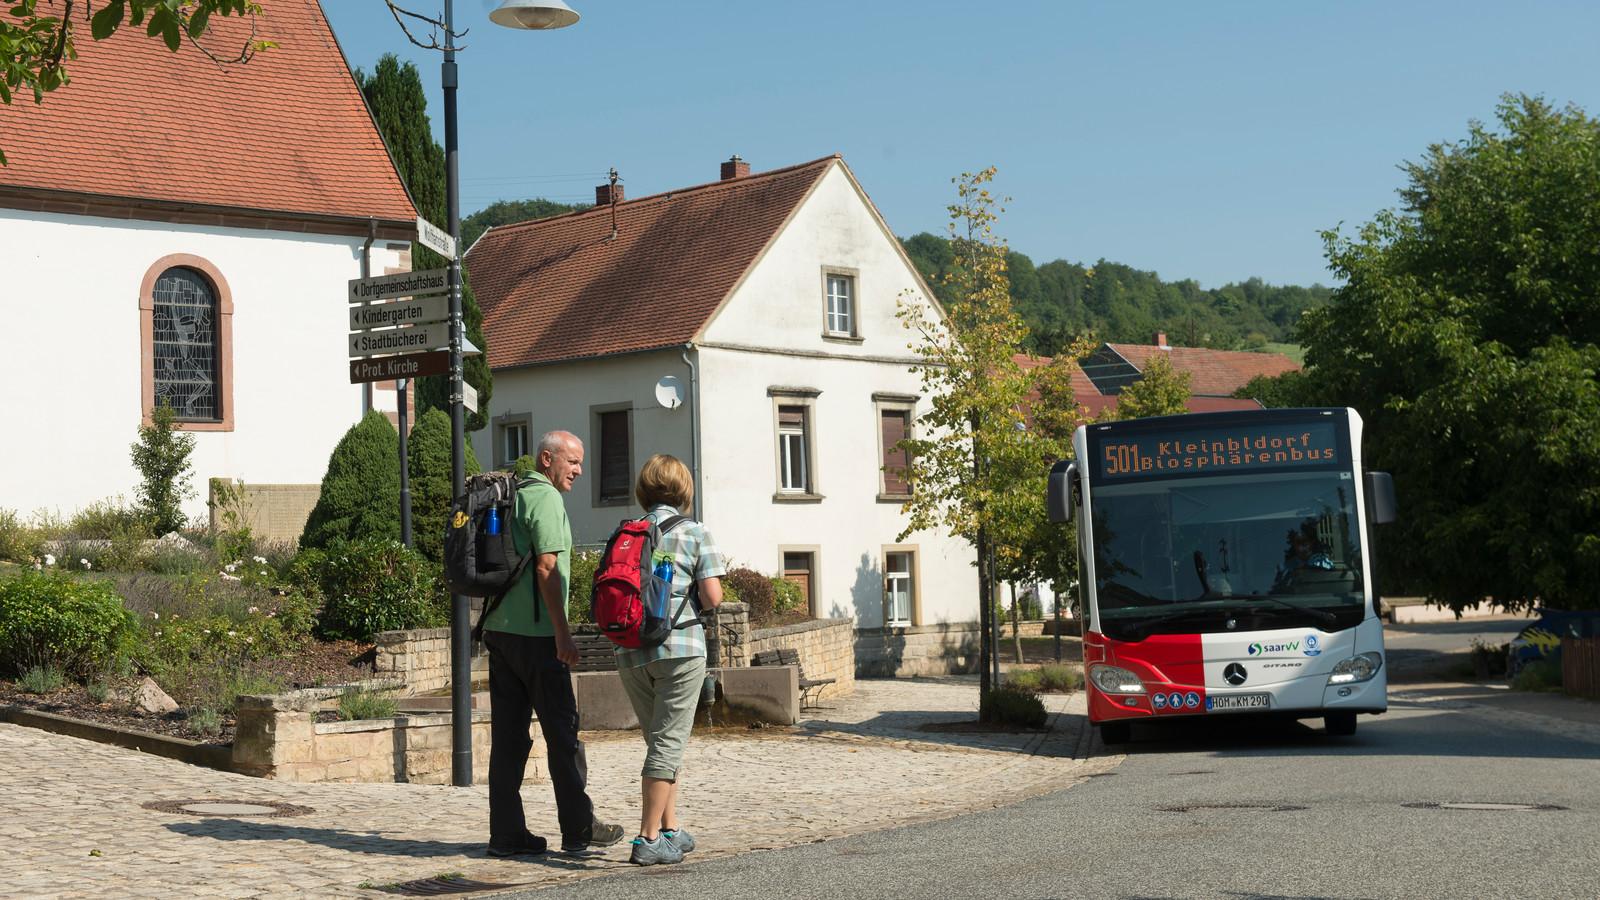 Wandern mit Bus und Bahn, Biosphärenbus 501